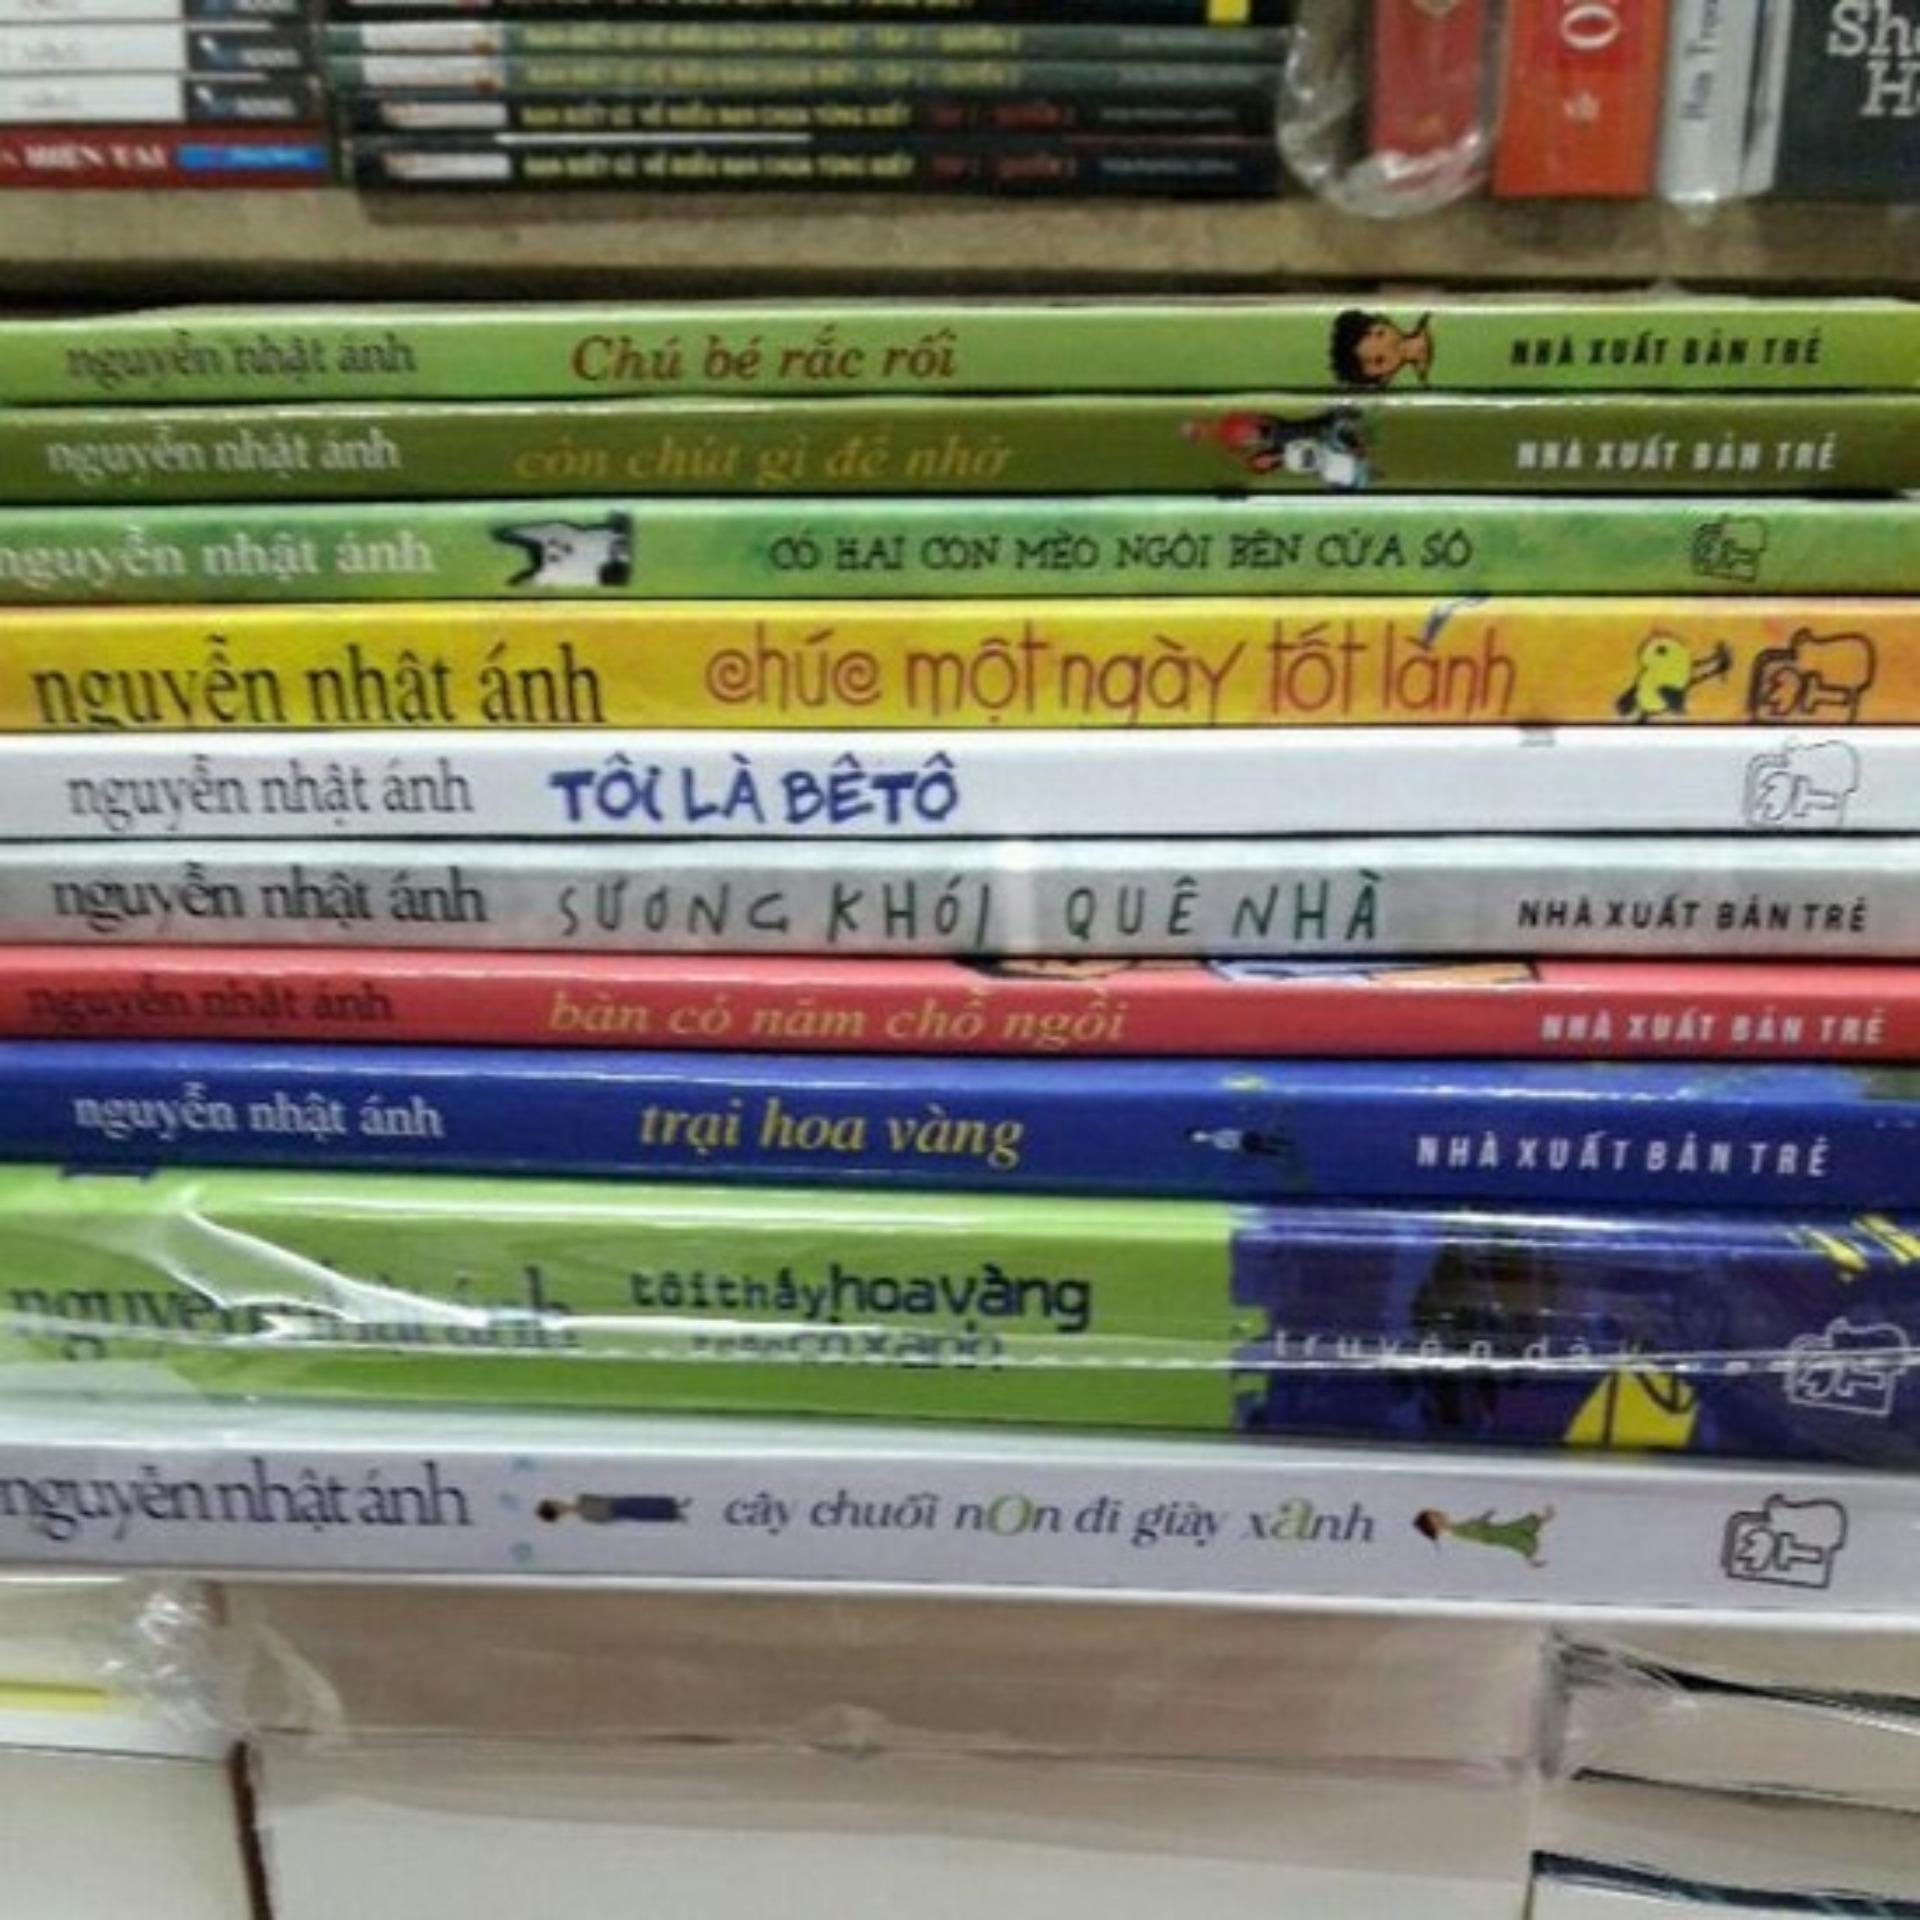 Mua Combo 10 cuốn truyện của Nguyễn Nhật Ánh.